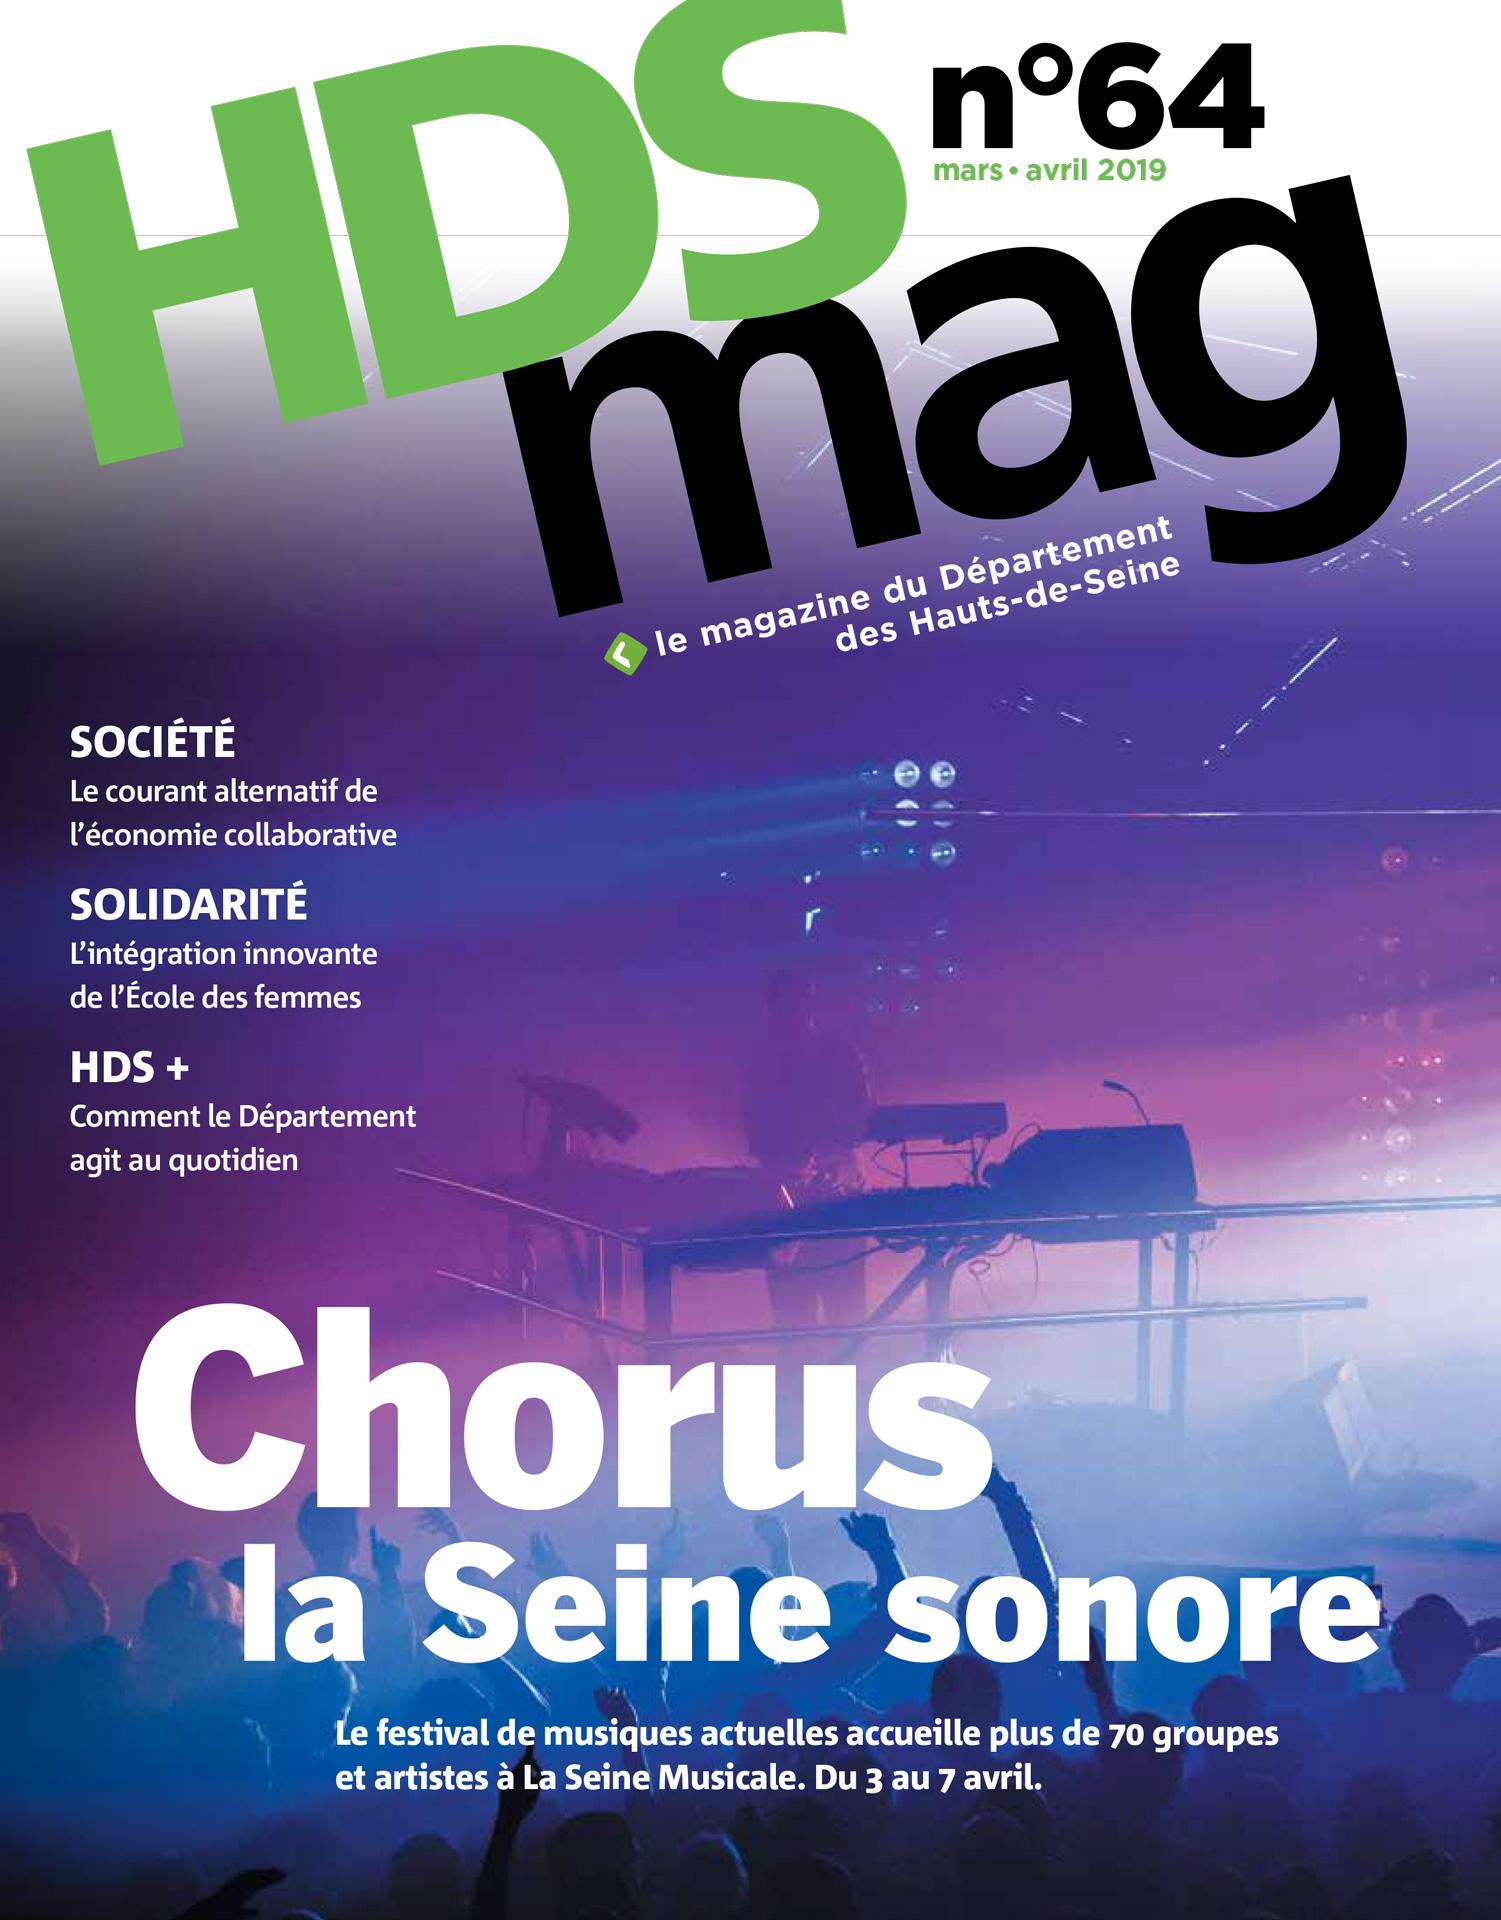 COUV-HDSMAG64